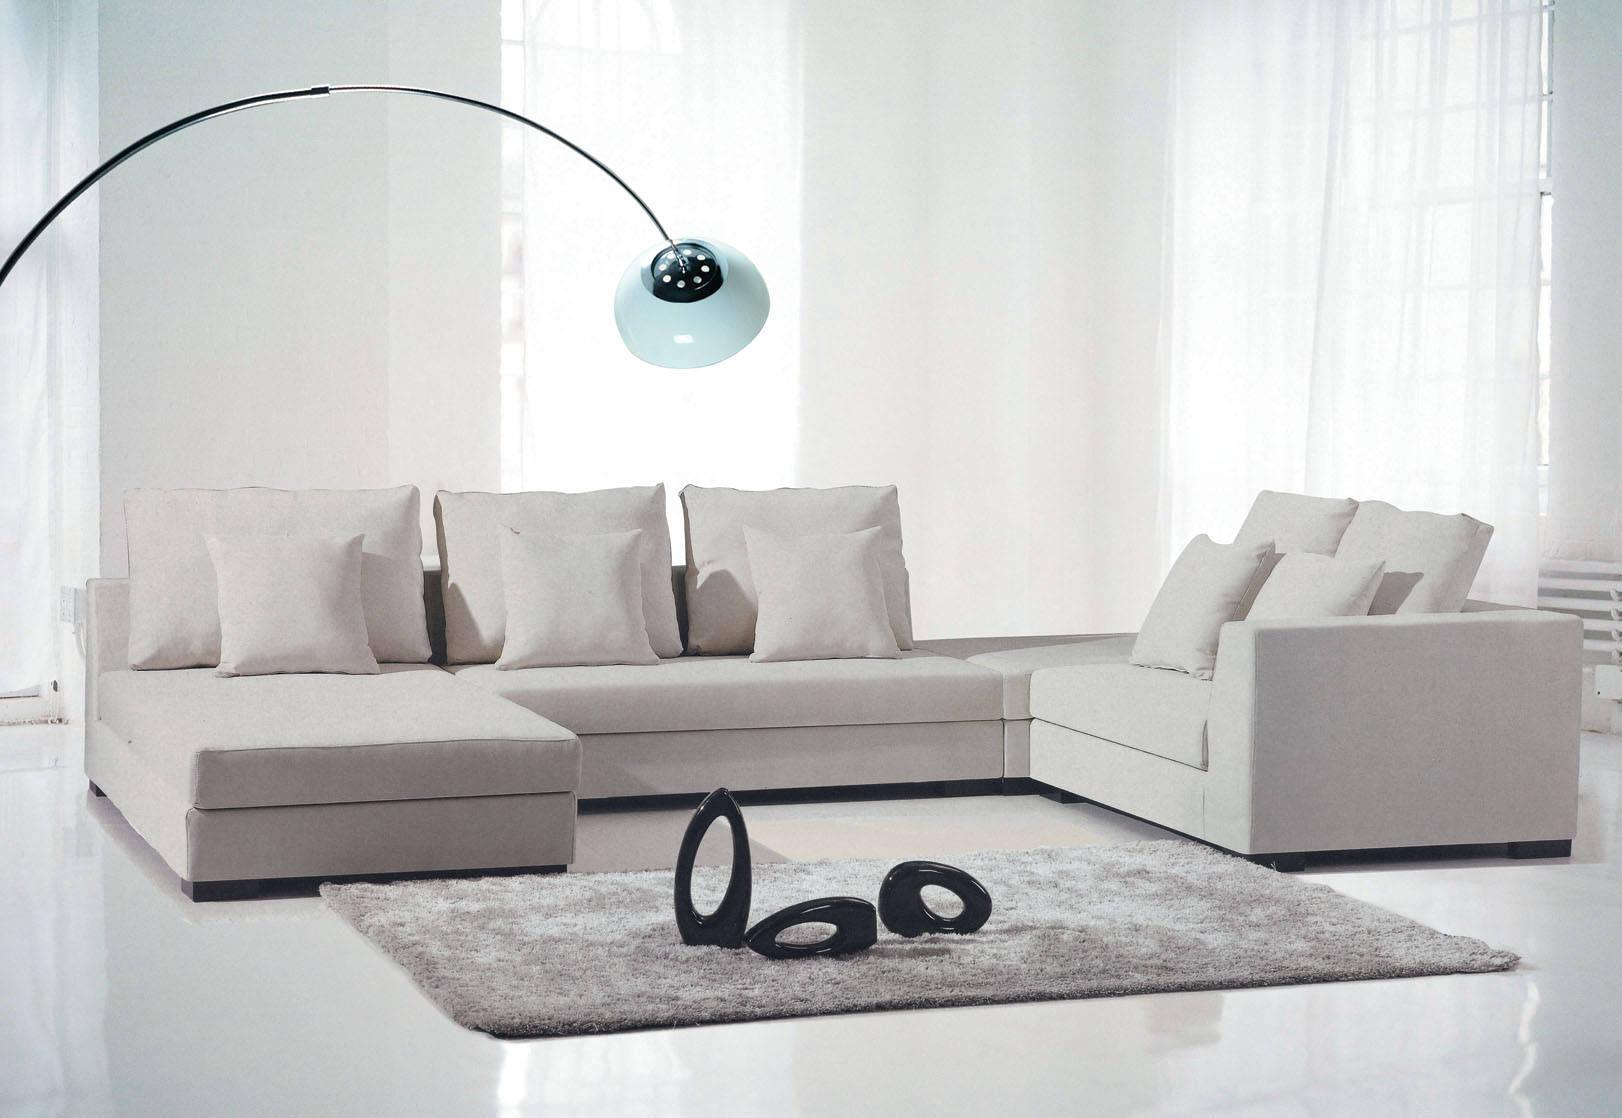 现代简约家具_现代简约休闲转角休闲布艺沙发顺德直销客厅家具D922#A产品图片